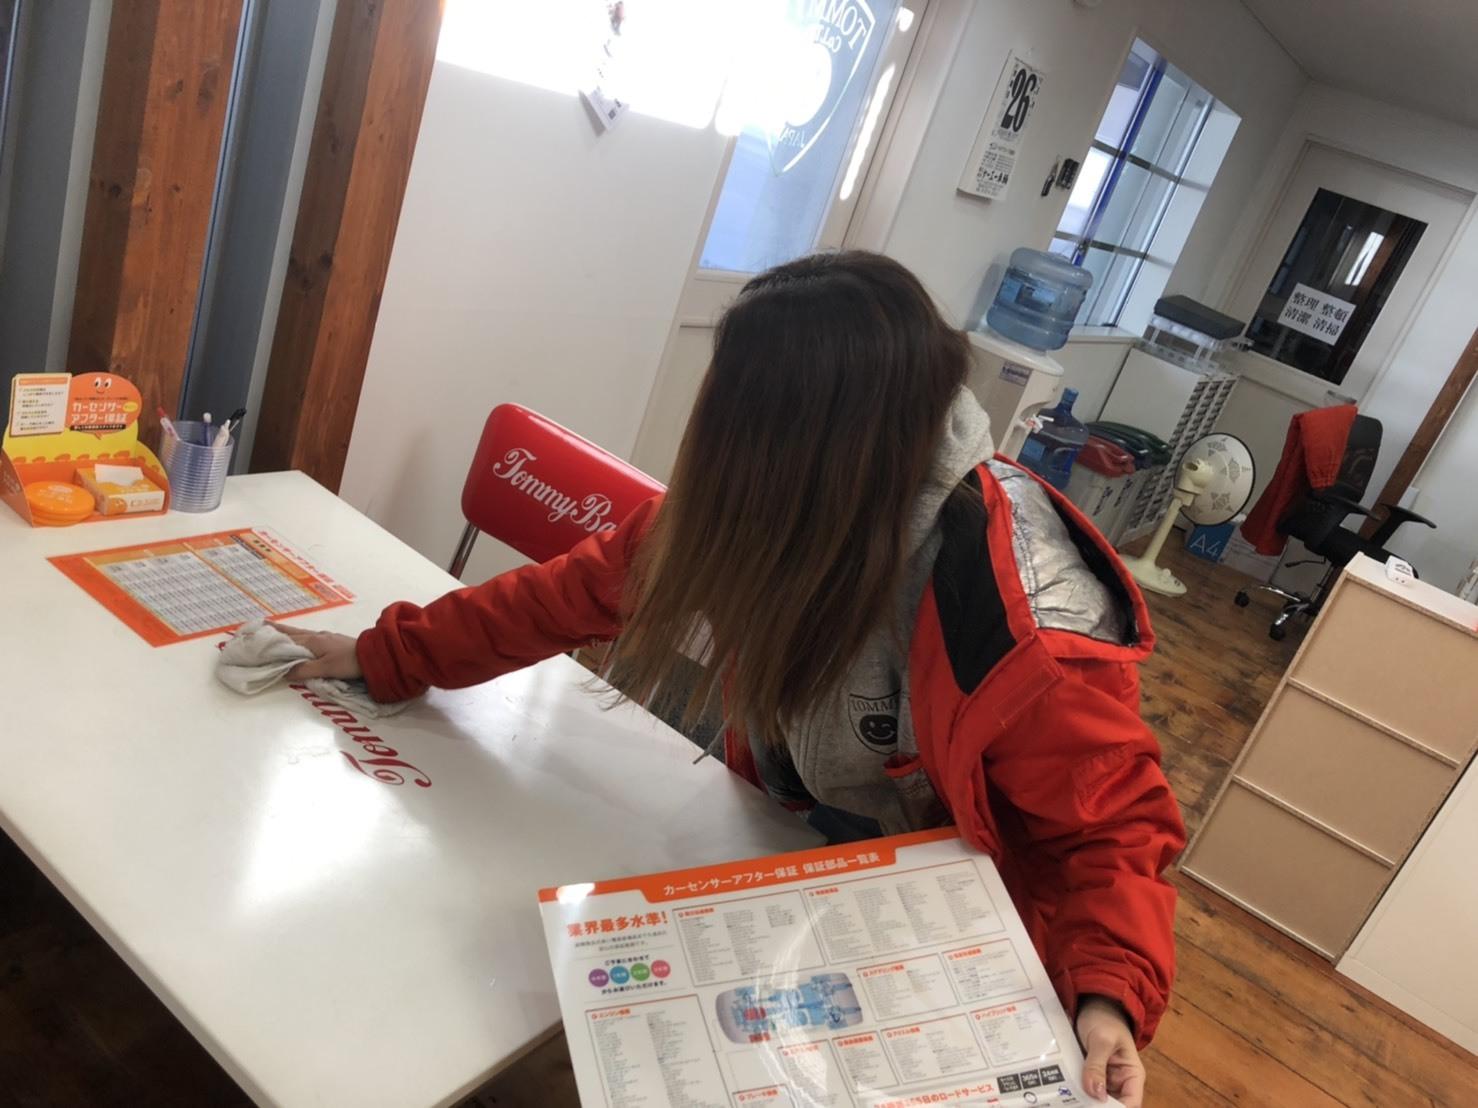 2月26日(水)TOMMYBASEブログ☆インプレッサ WRX STI限定車展示中!!スバル♪レクサス♪自社ローン全国対応!_b0127002_15454207.jpg